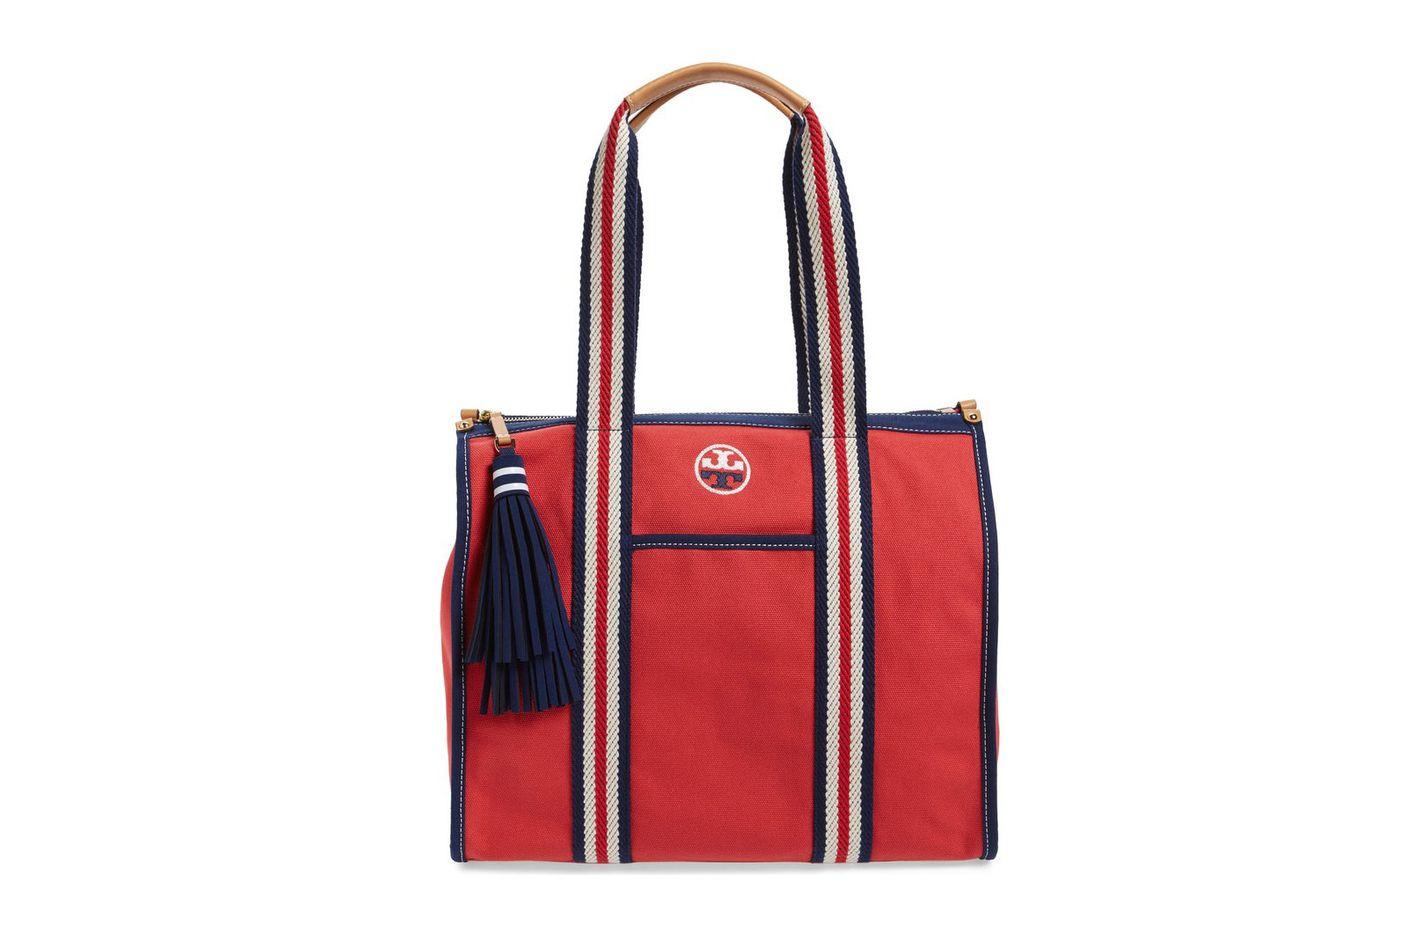 Tory Burch Preppy Tote Bag